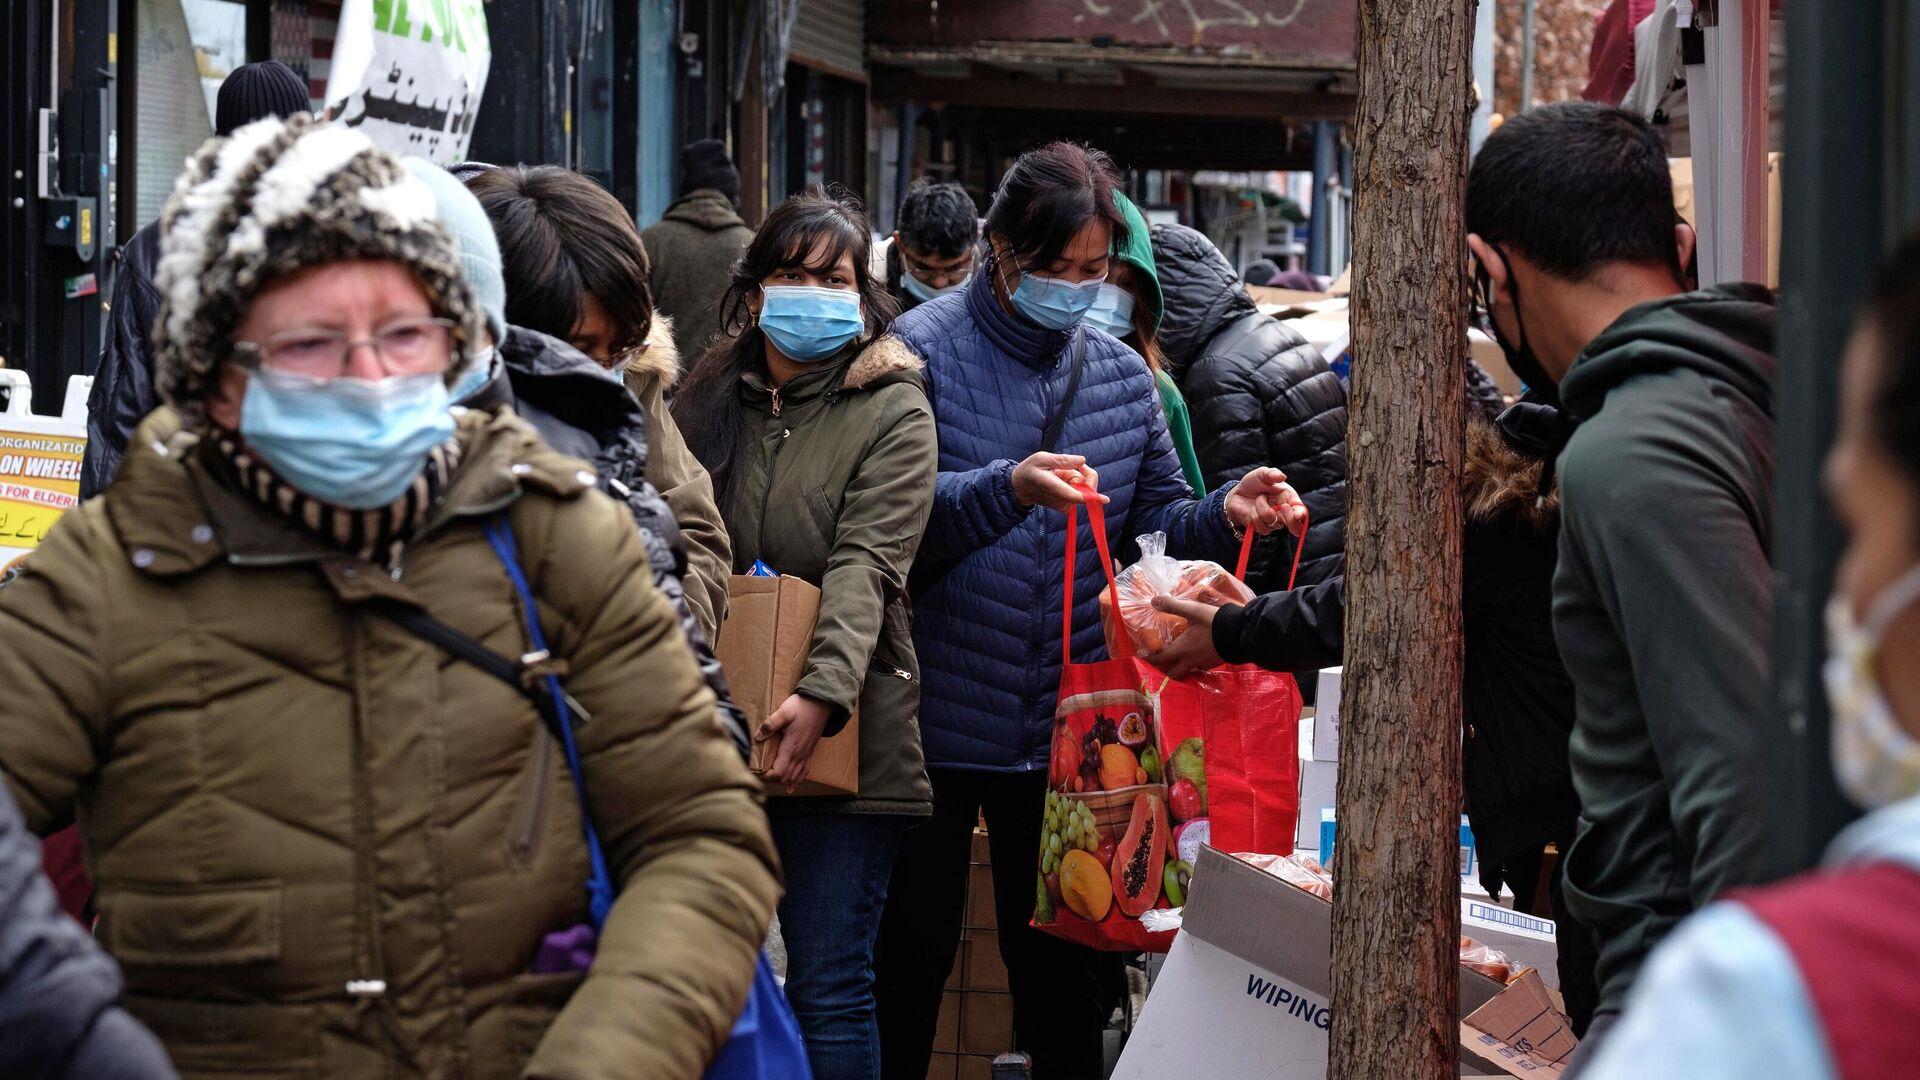 Сотрудник раздает продукты в пункте бесплатной раздачи еды в День благодарения в Бруклине - РИА Новости, 1920, 04.12.2020